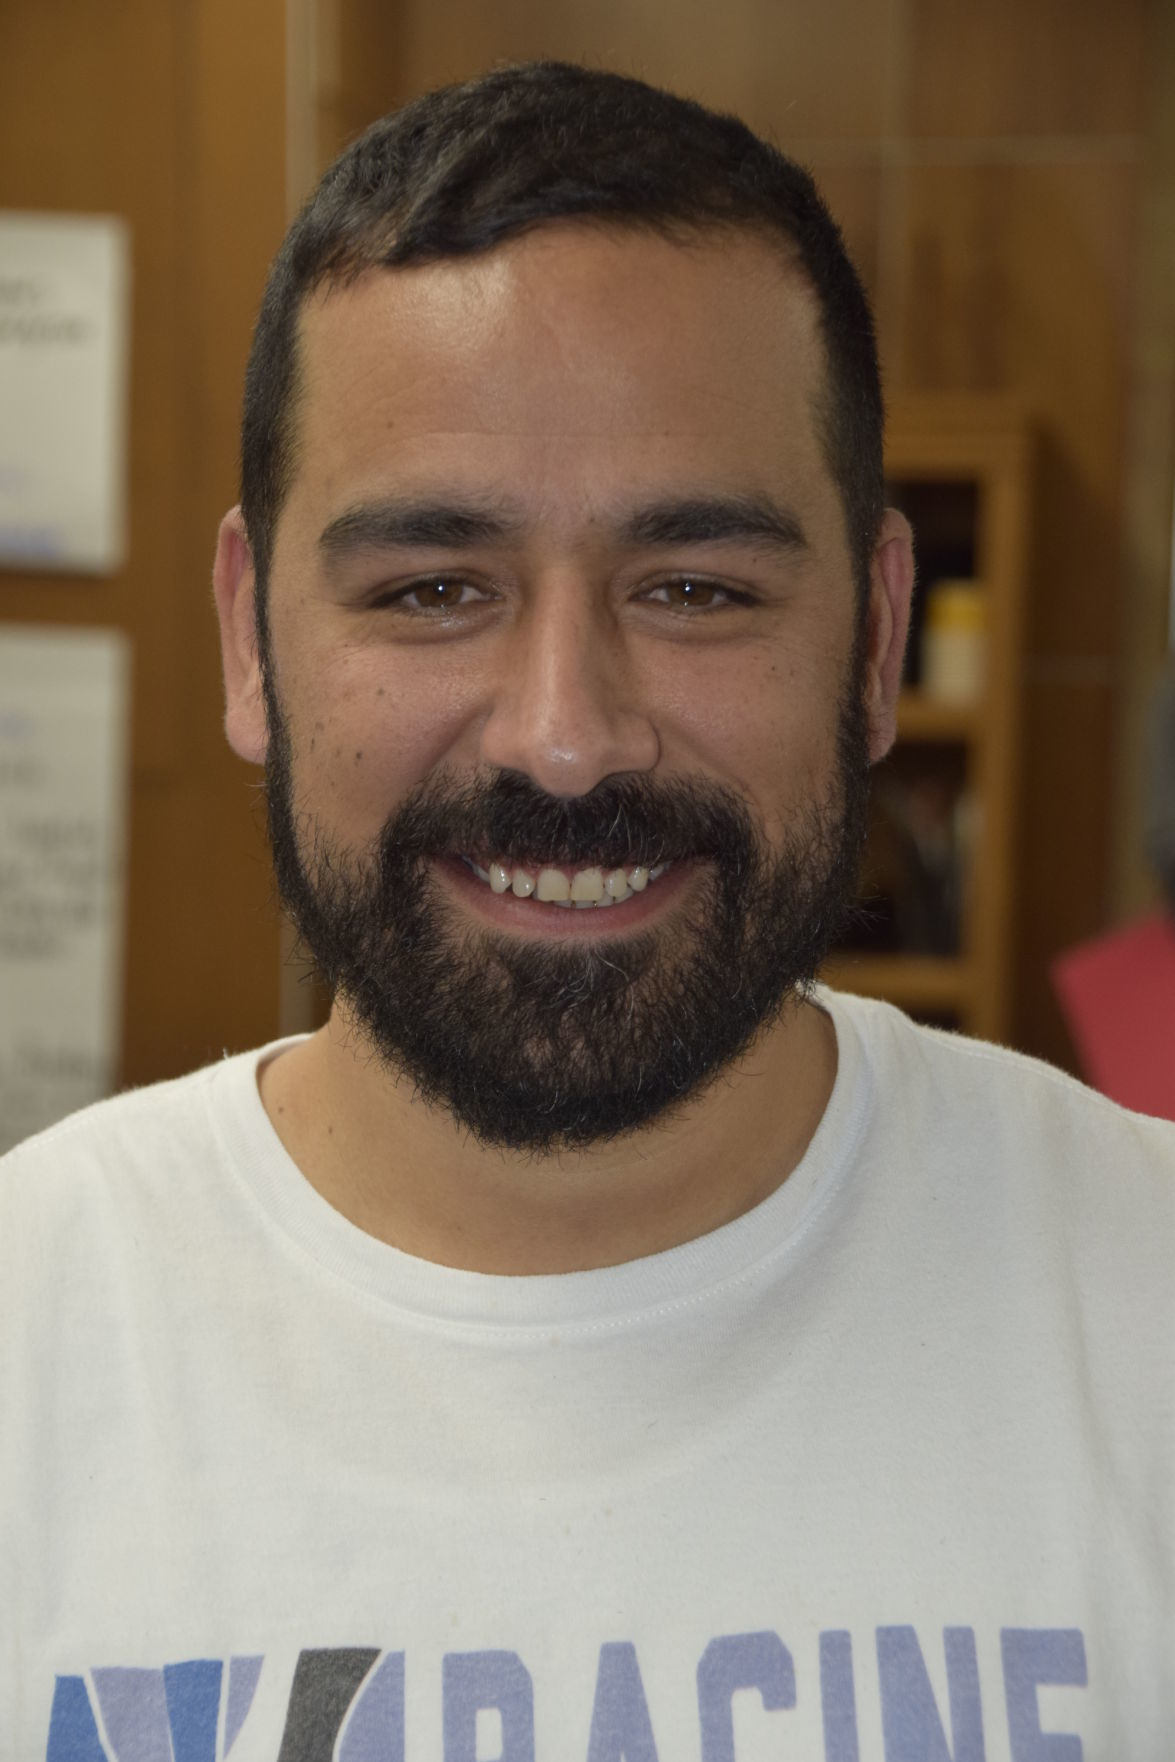 Aaron Eick